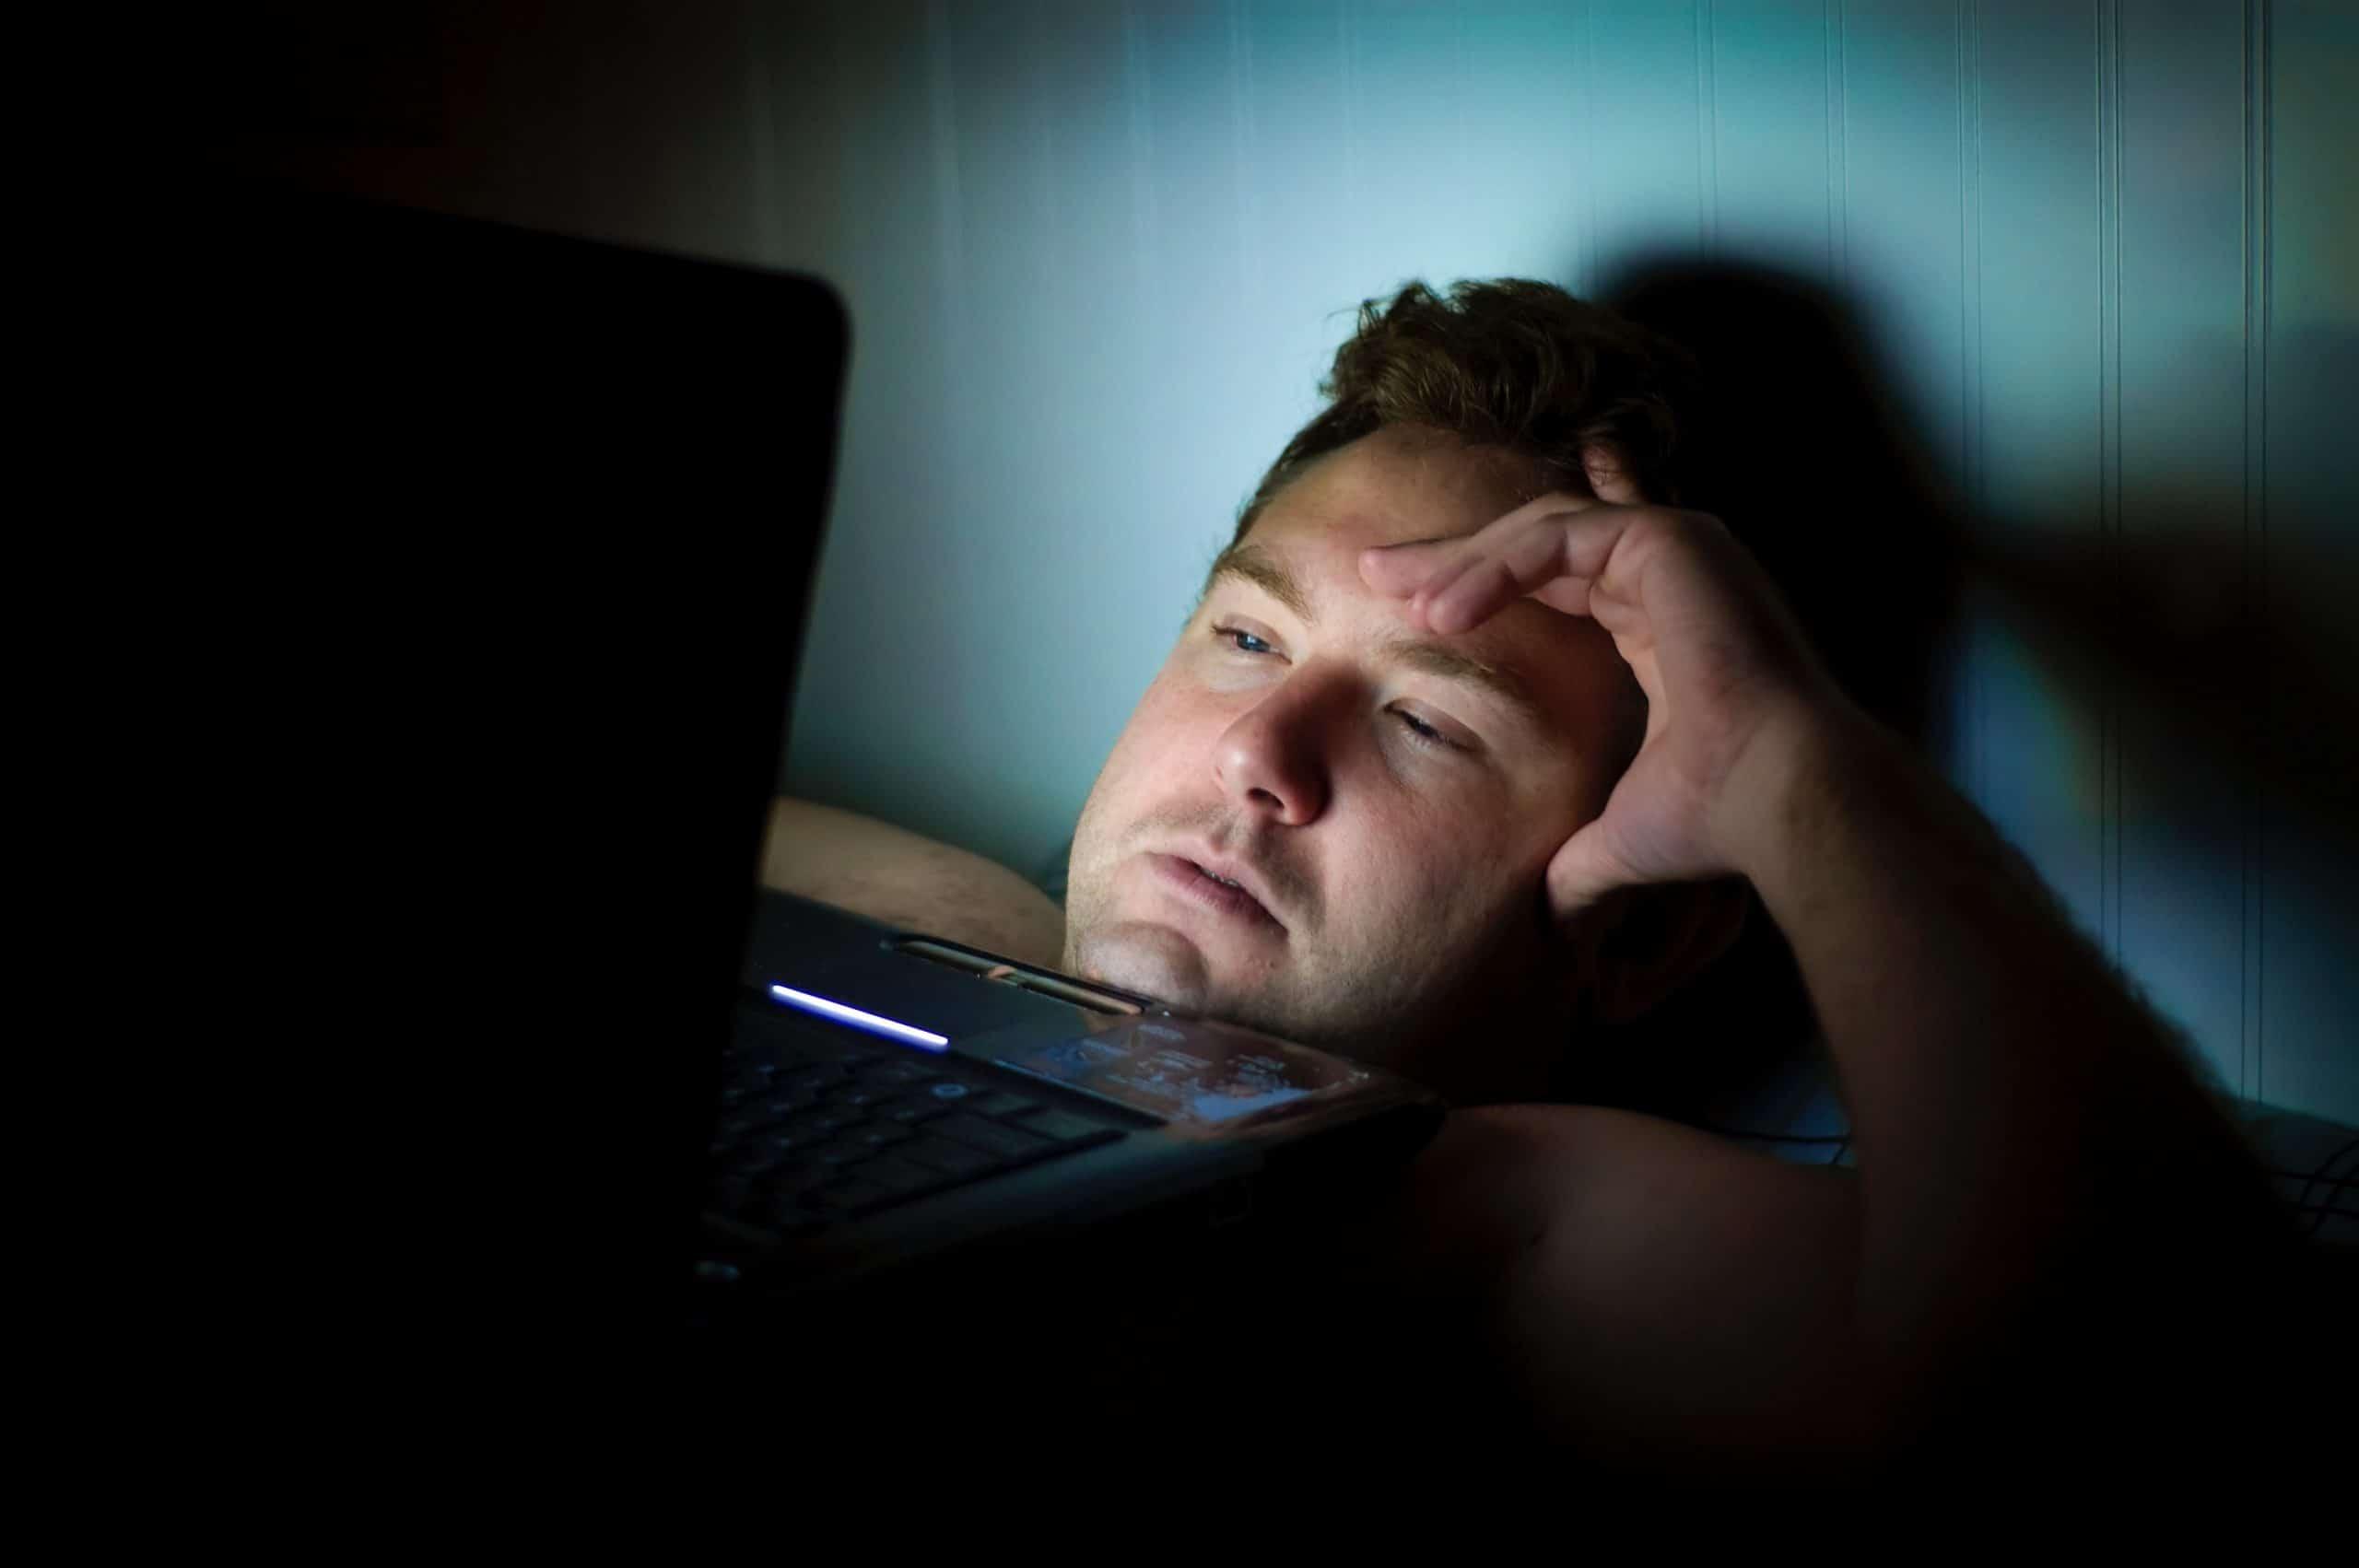 Homem exausto no computador durante a noite.